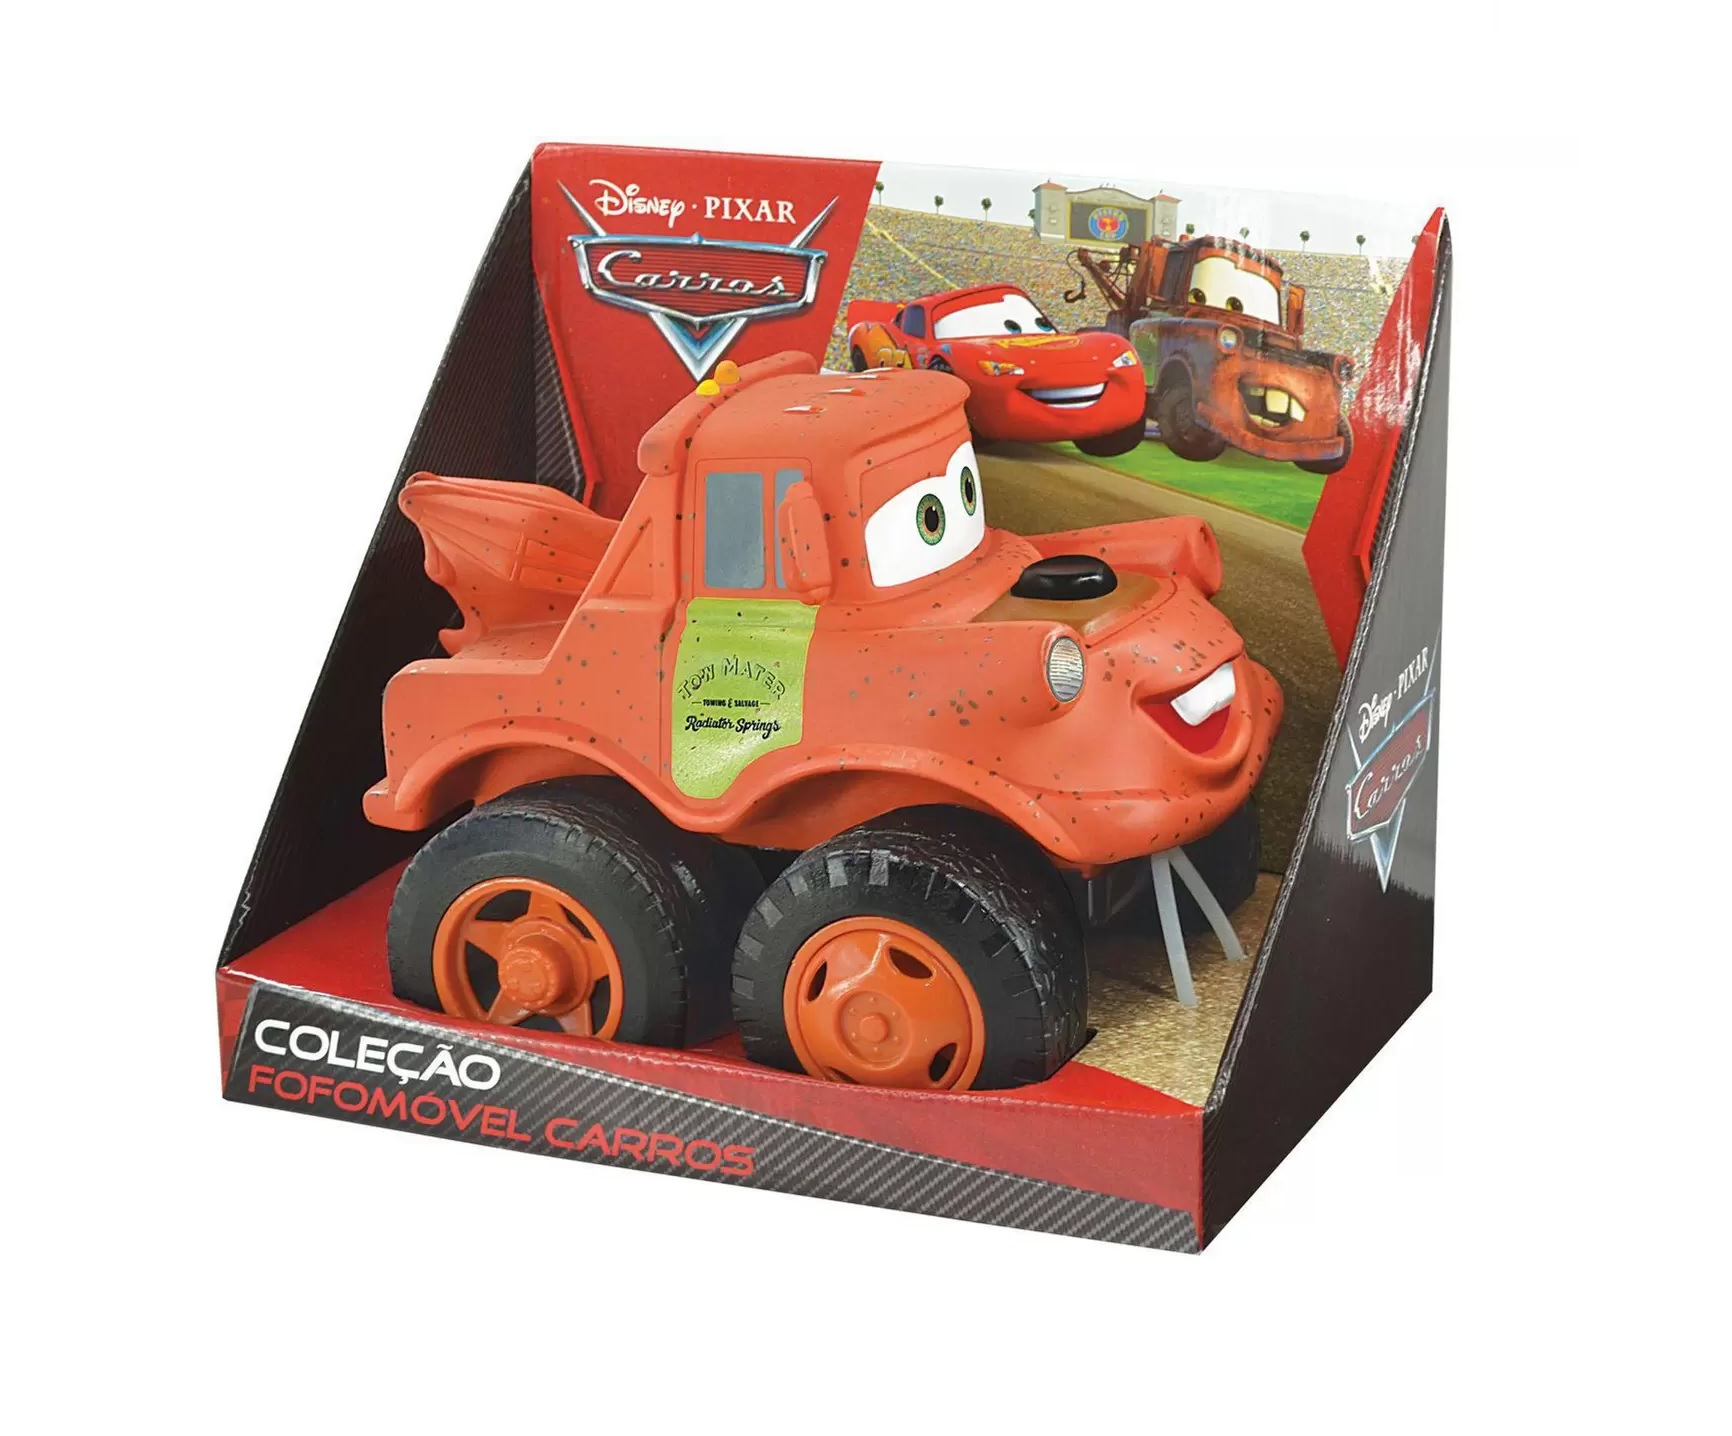 Coleção Fofomóvel Disney Pixar Carros Tow Matter - Lider Brinquedos